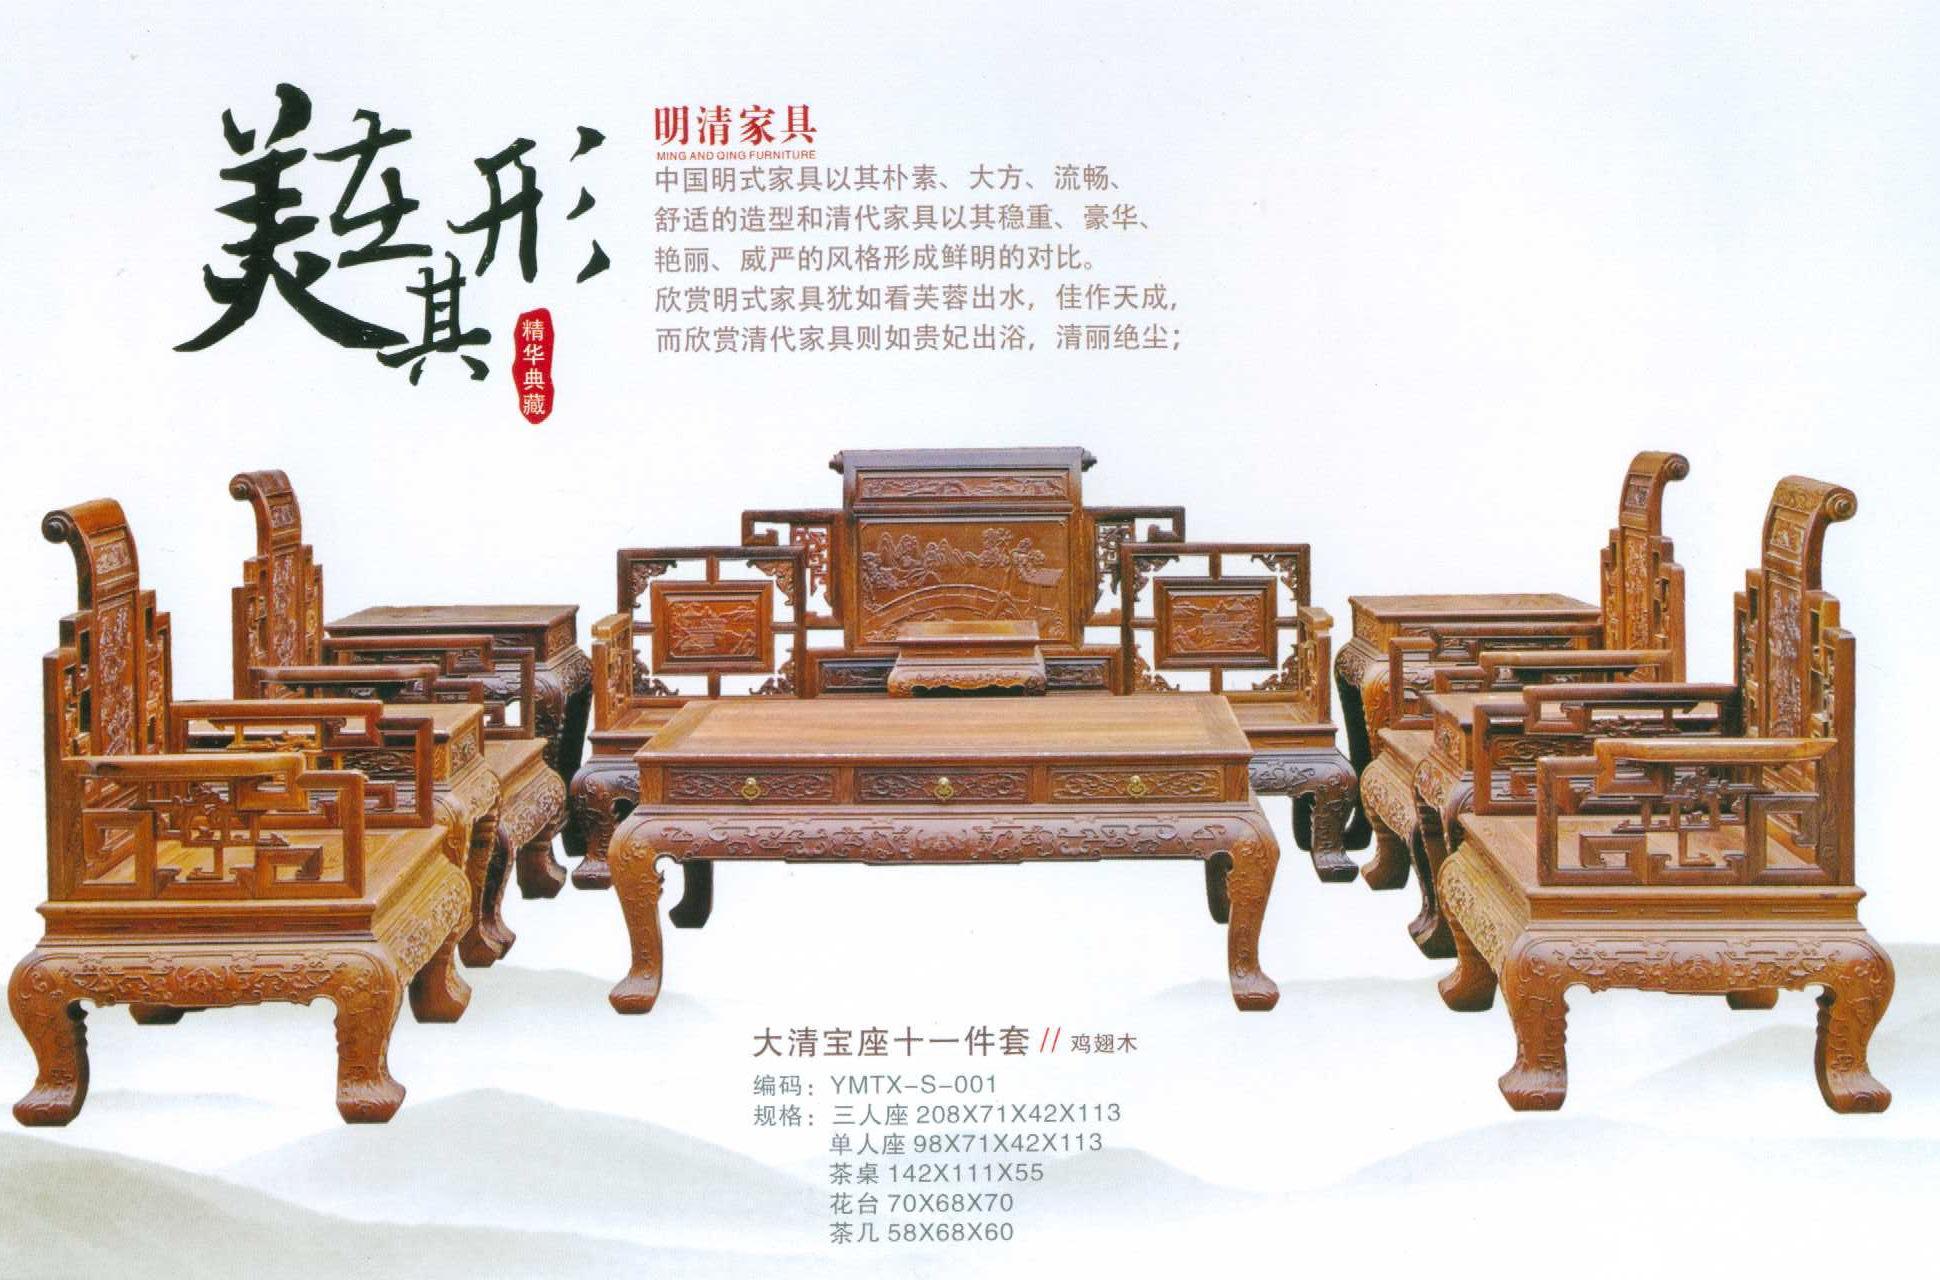 其它品种大卖场 现代工艺品地摊市场 → 福建仙游红木《鸡翅木》系列